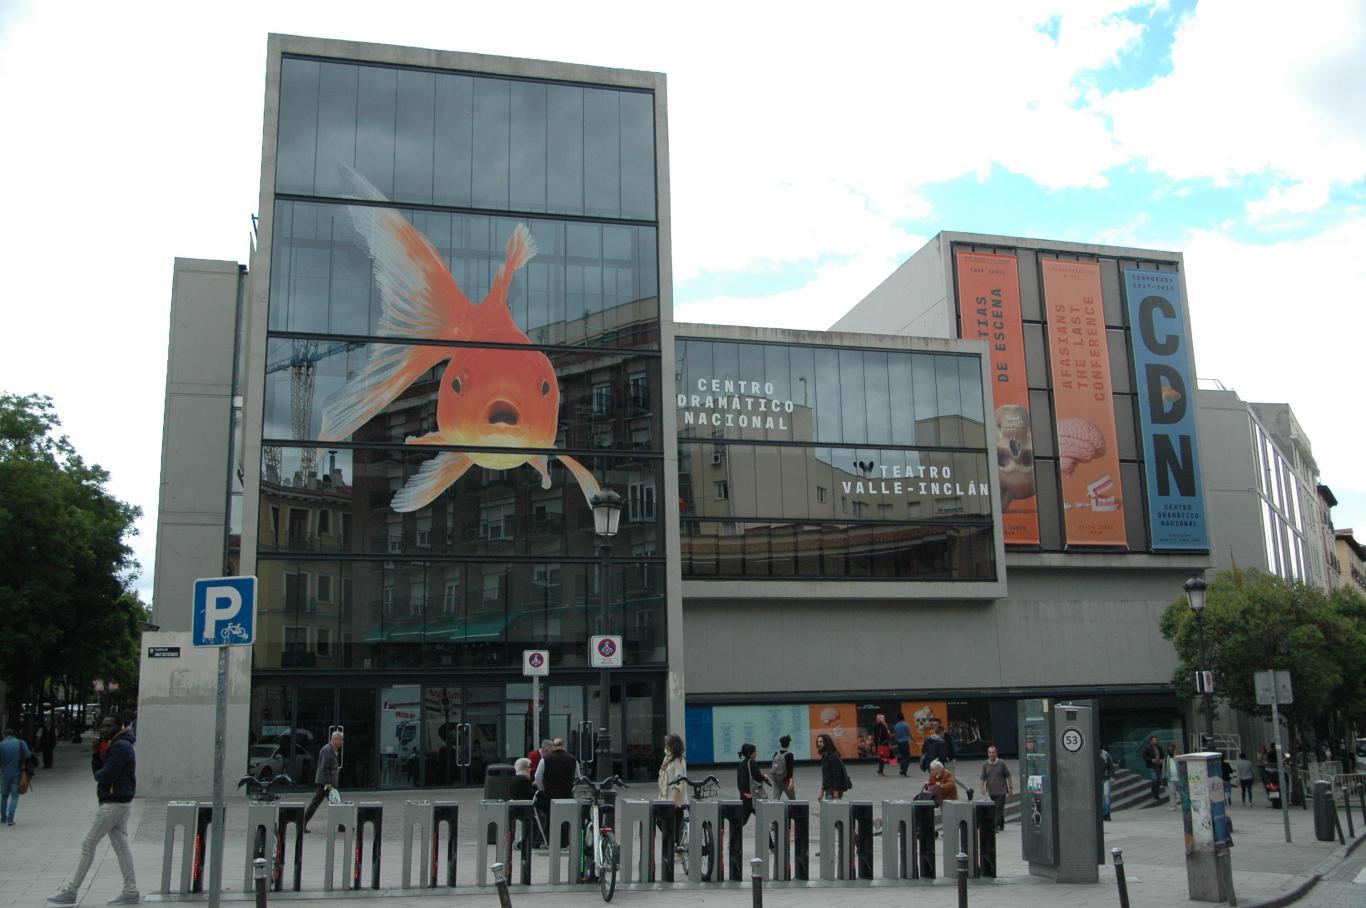 Teatro Valle Inclán, Madrid